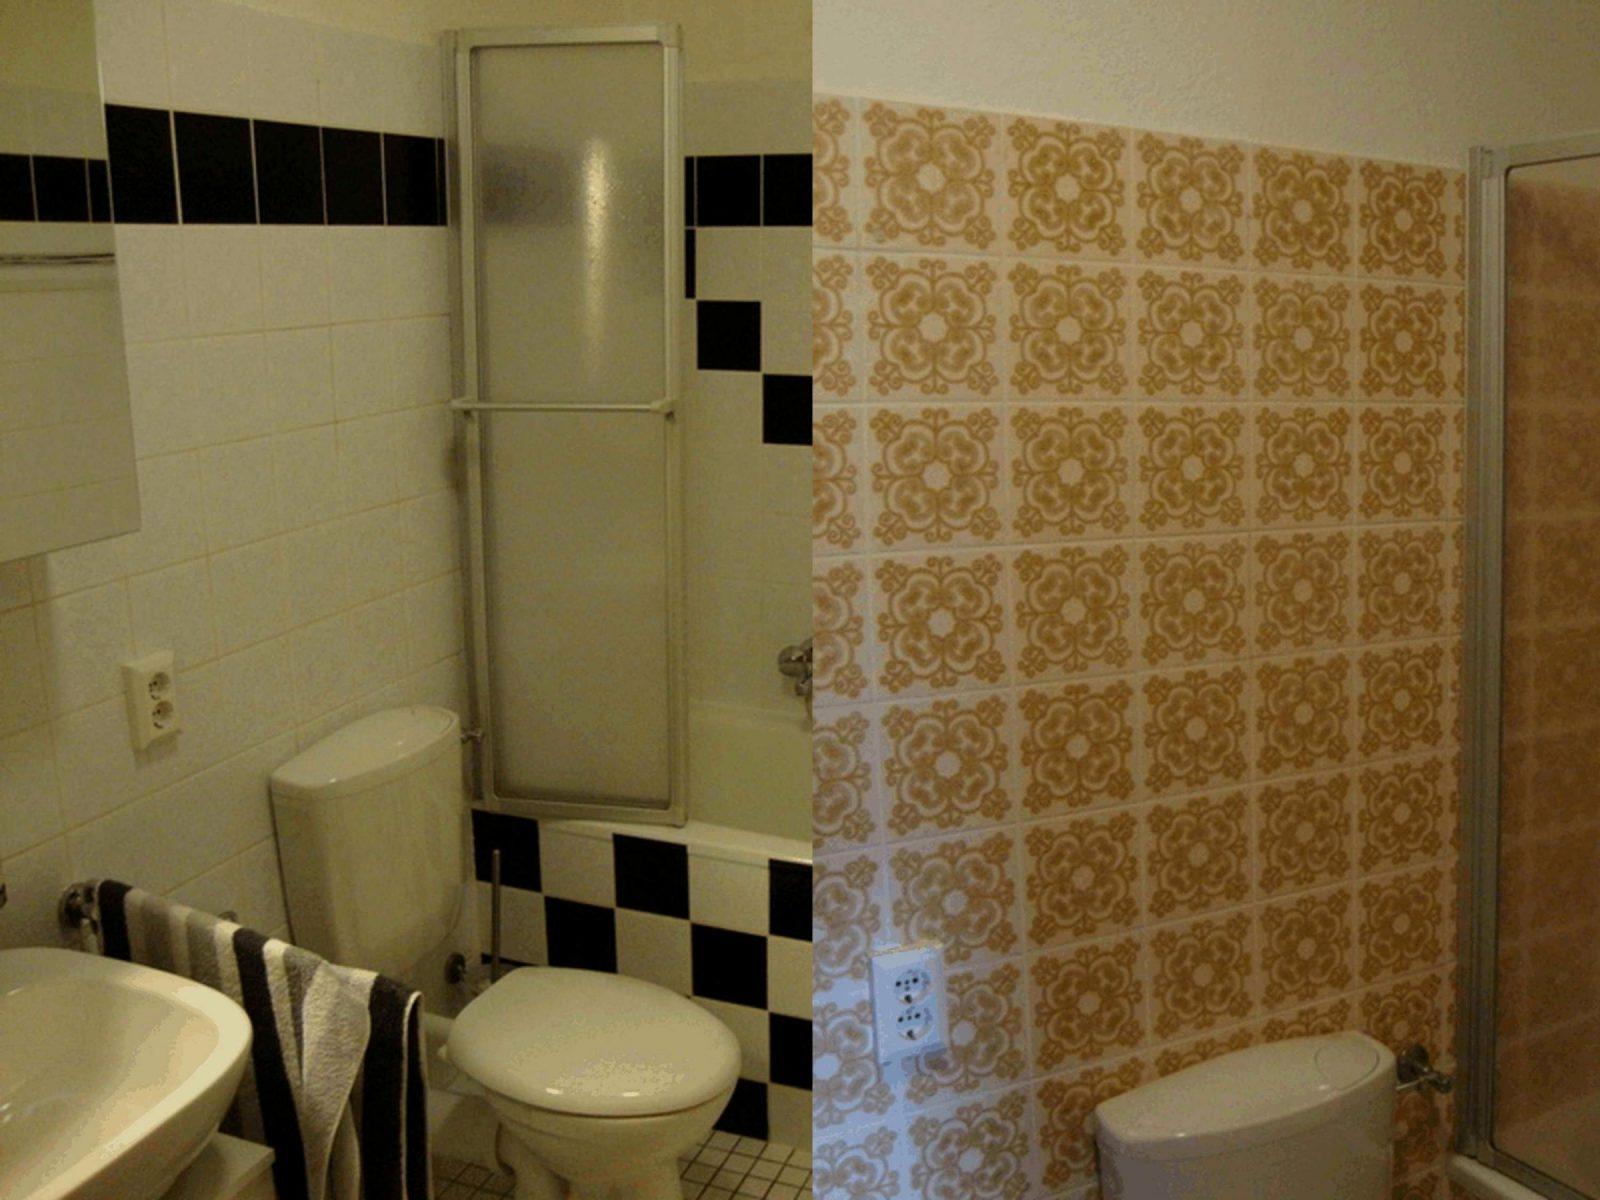 Altes Badezimmer Aufpeppen Vorher Nachher Bilder Schön Altes von Altes Badezimmer Aufpeppen Vorher Nachher Bilder Bild